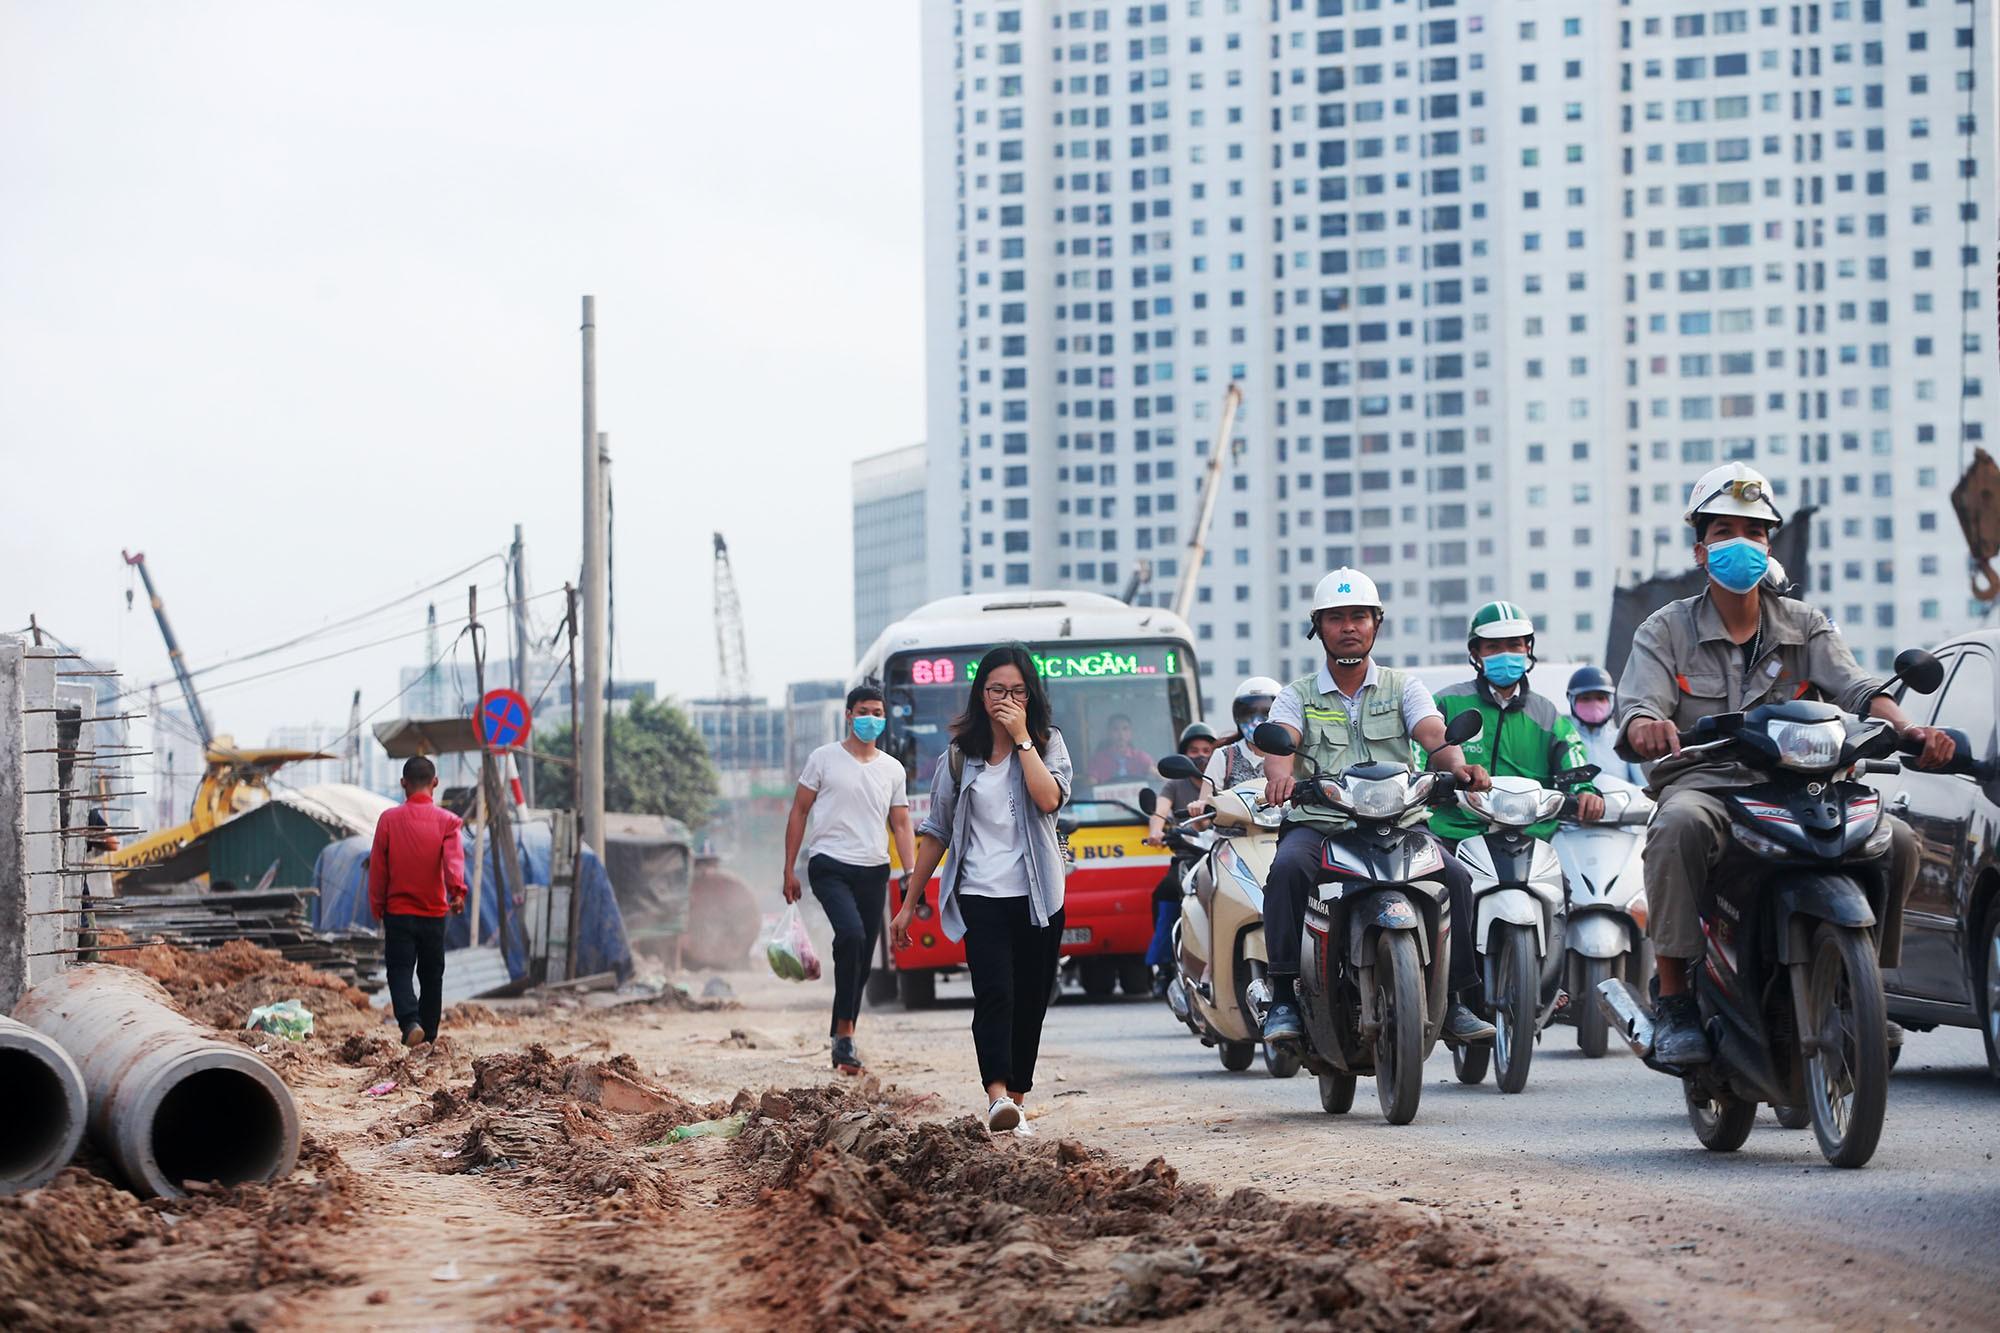 Hà Nội: Đường Phạm Văn Đồng vẫn ngổn ngang hơn 1 năm thi công dự án cao tốc trên cao - Ảnh 8.